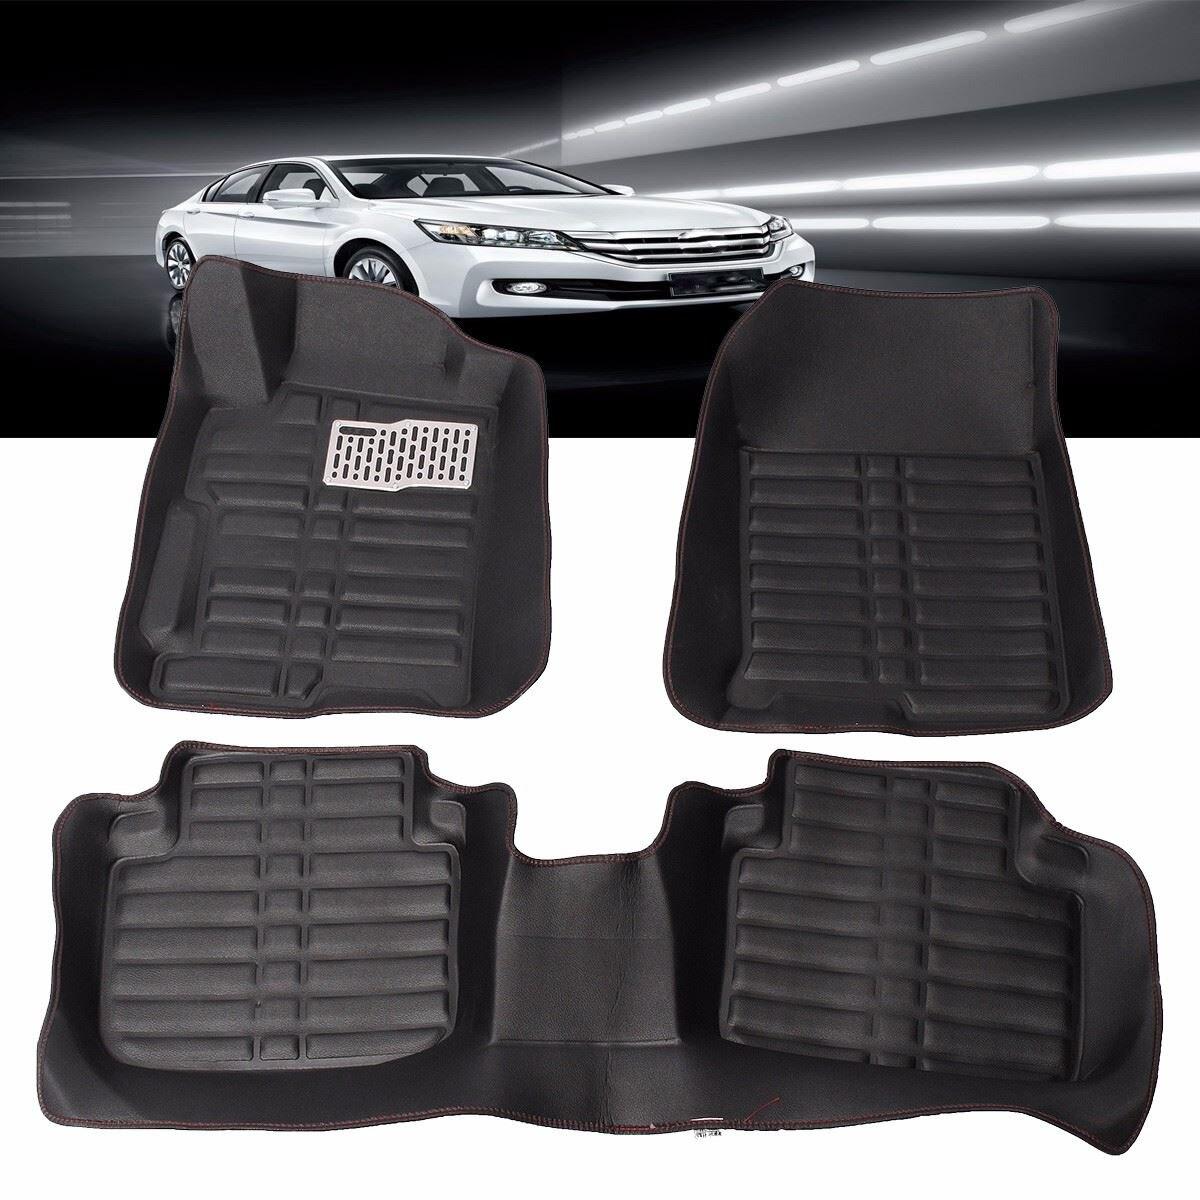 Rubber floor mats singapore - 3pcs Set Car Floor Foot Pad Front Rear Liner Waterproof Mat Floor Mats Car